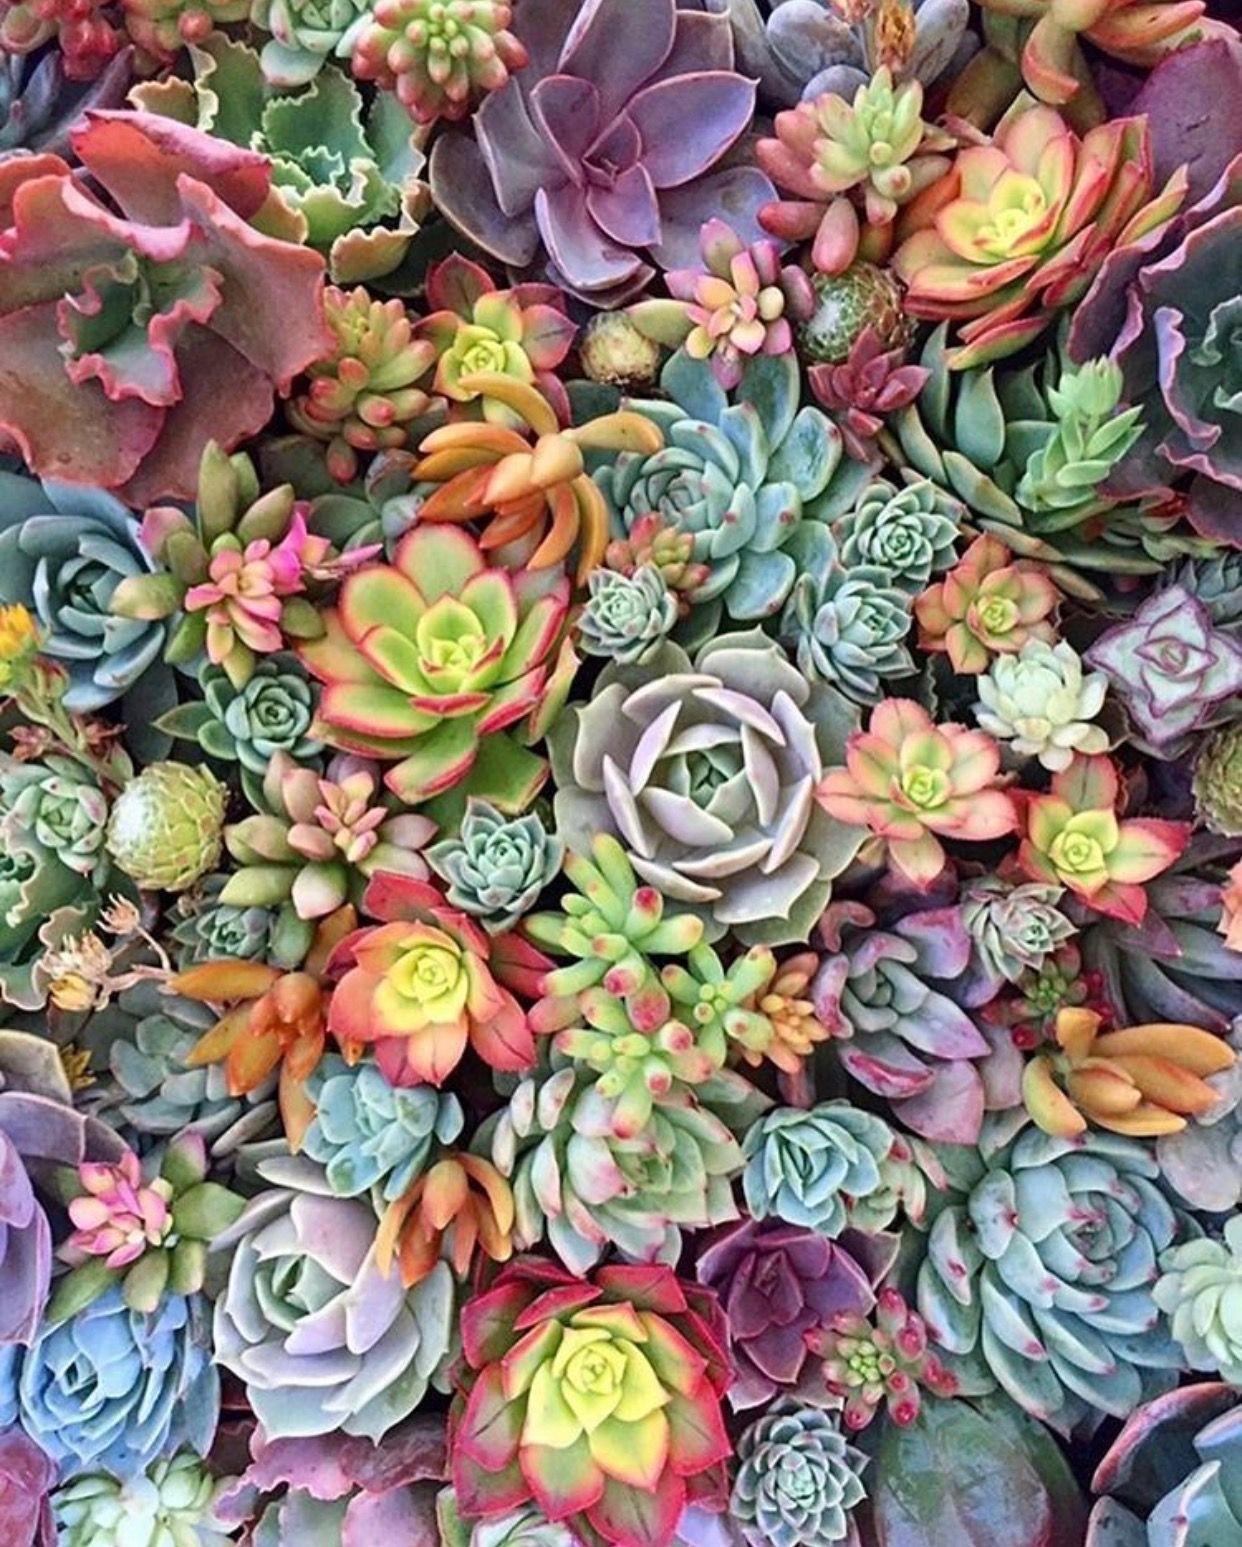 Epingle Par Claire Guys Sur Plant S Avec Images Photographie